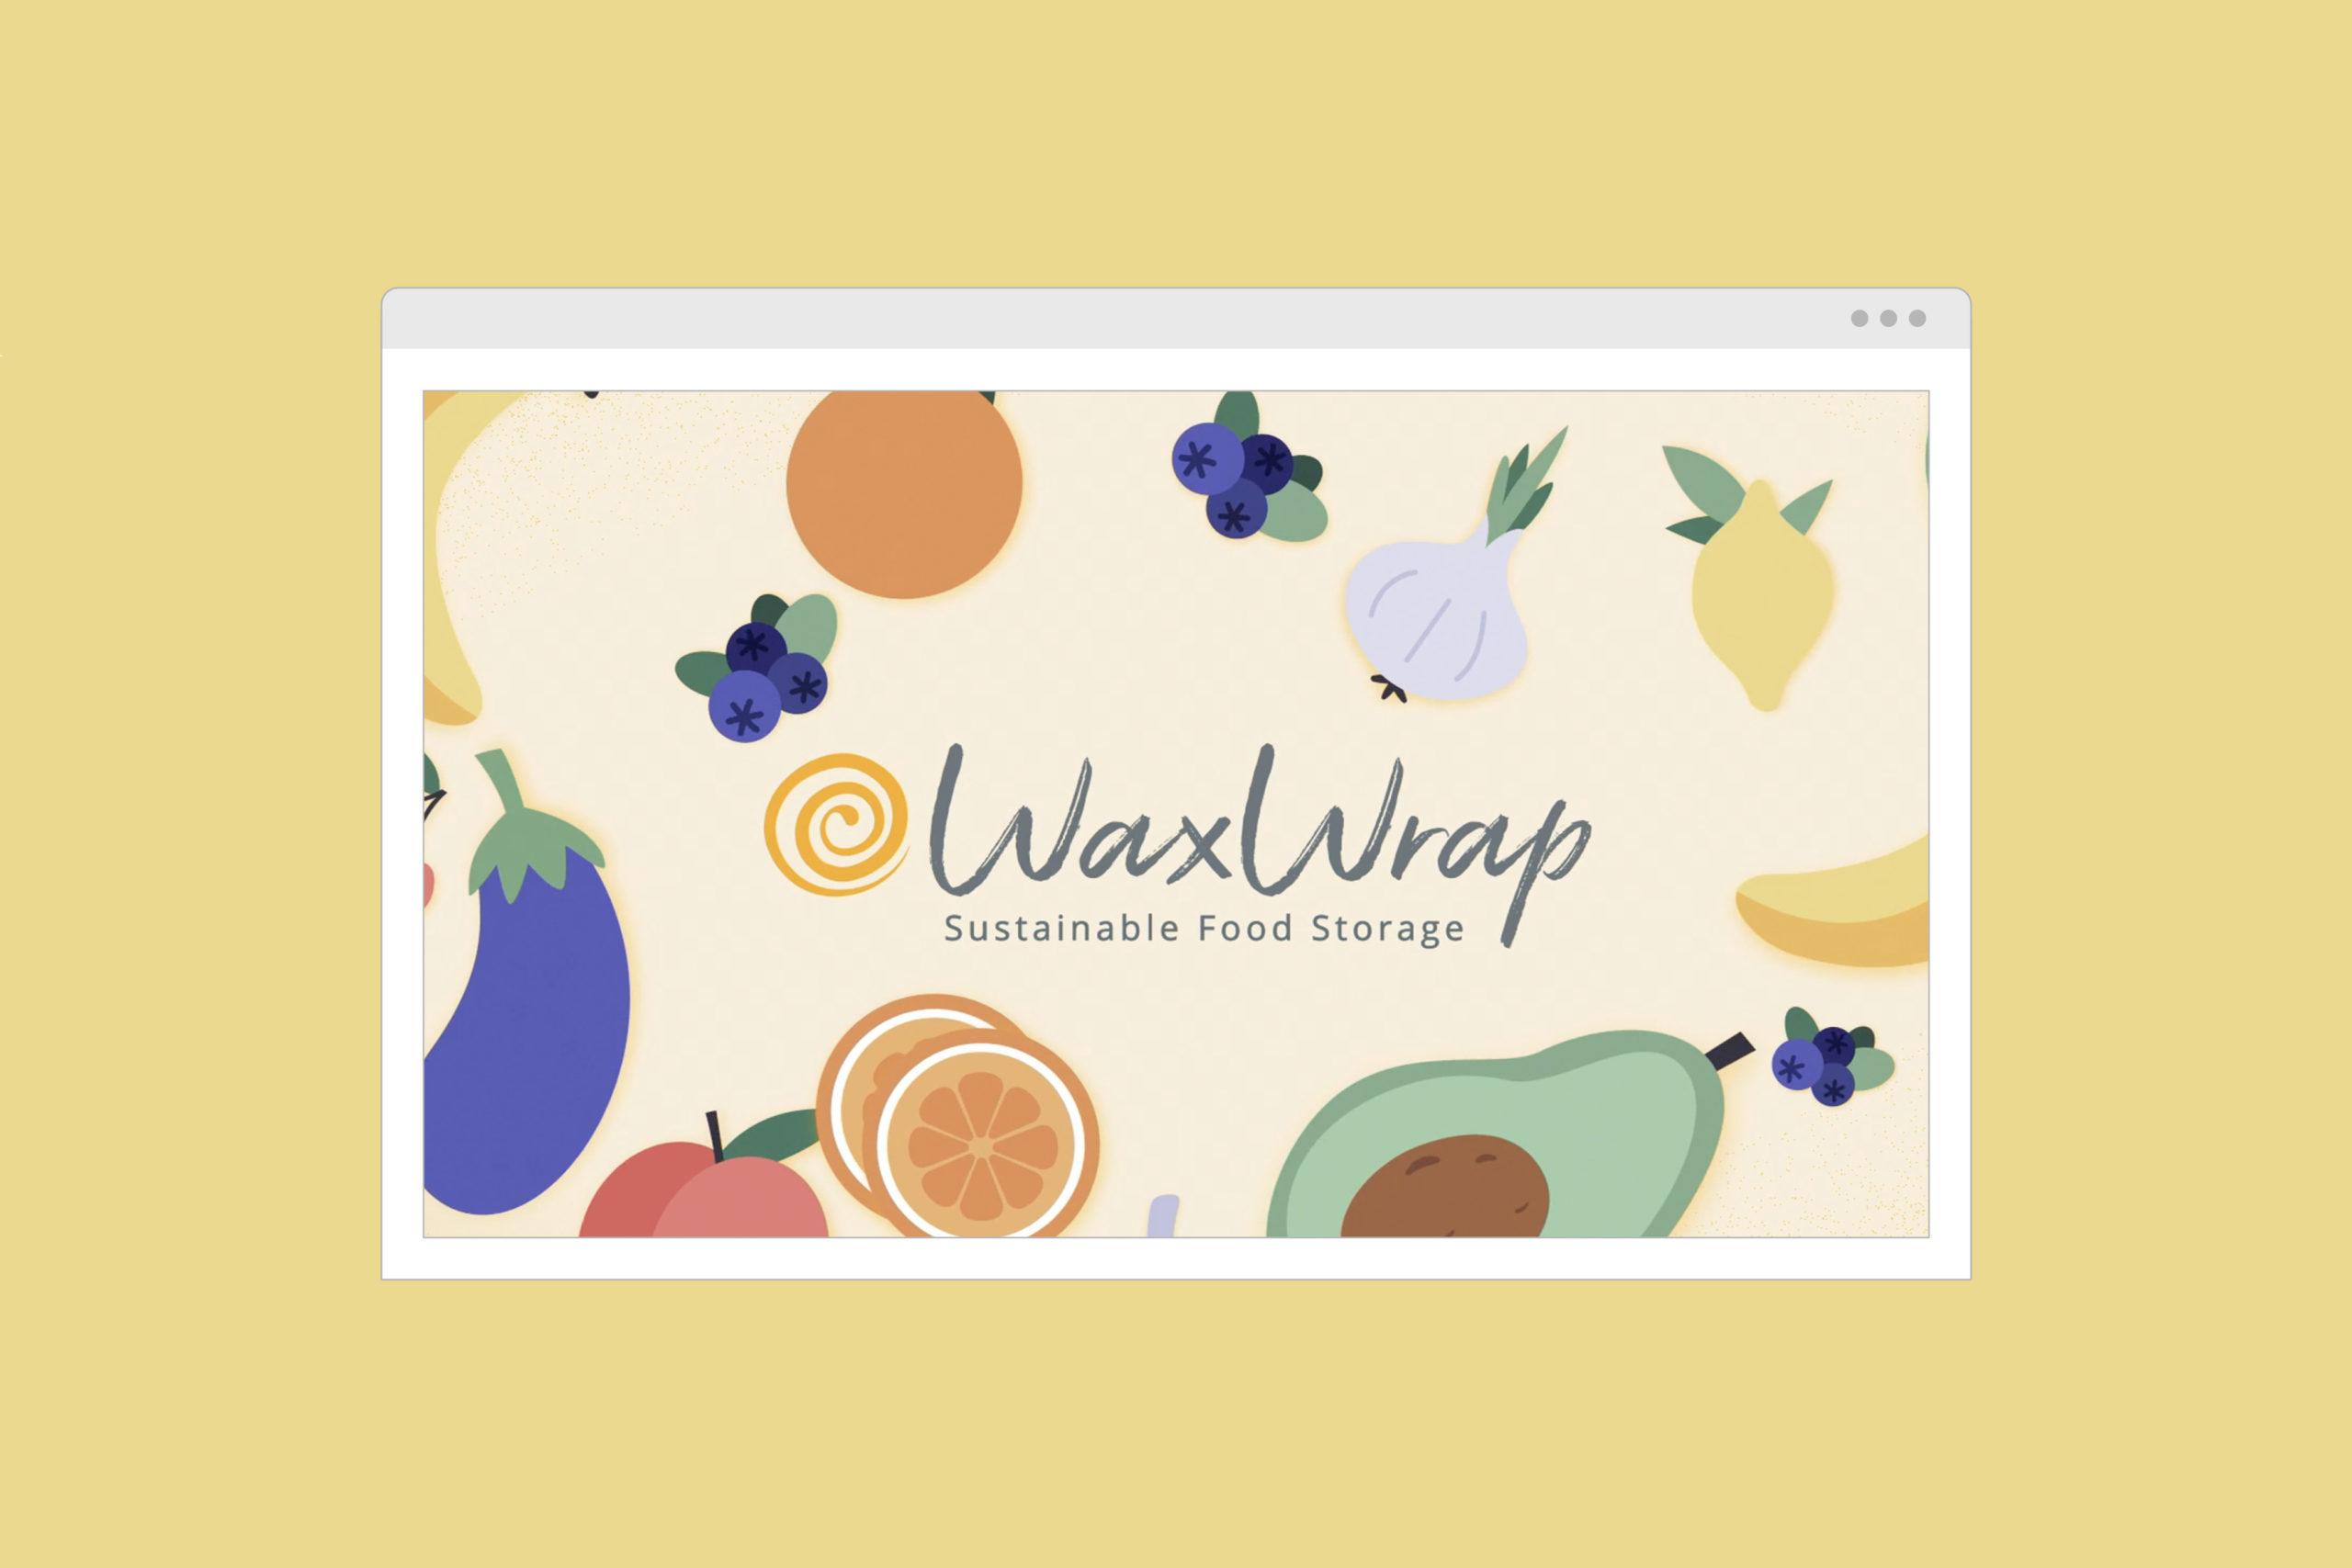 WaxWrap